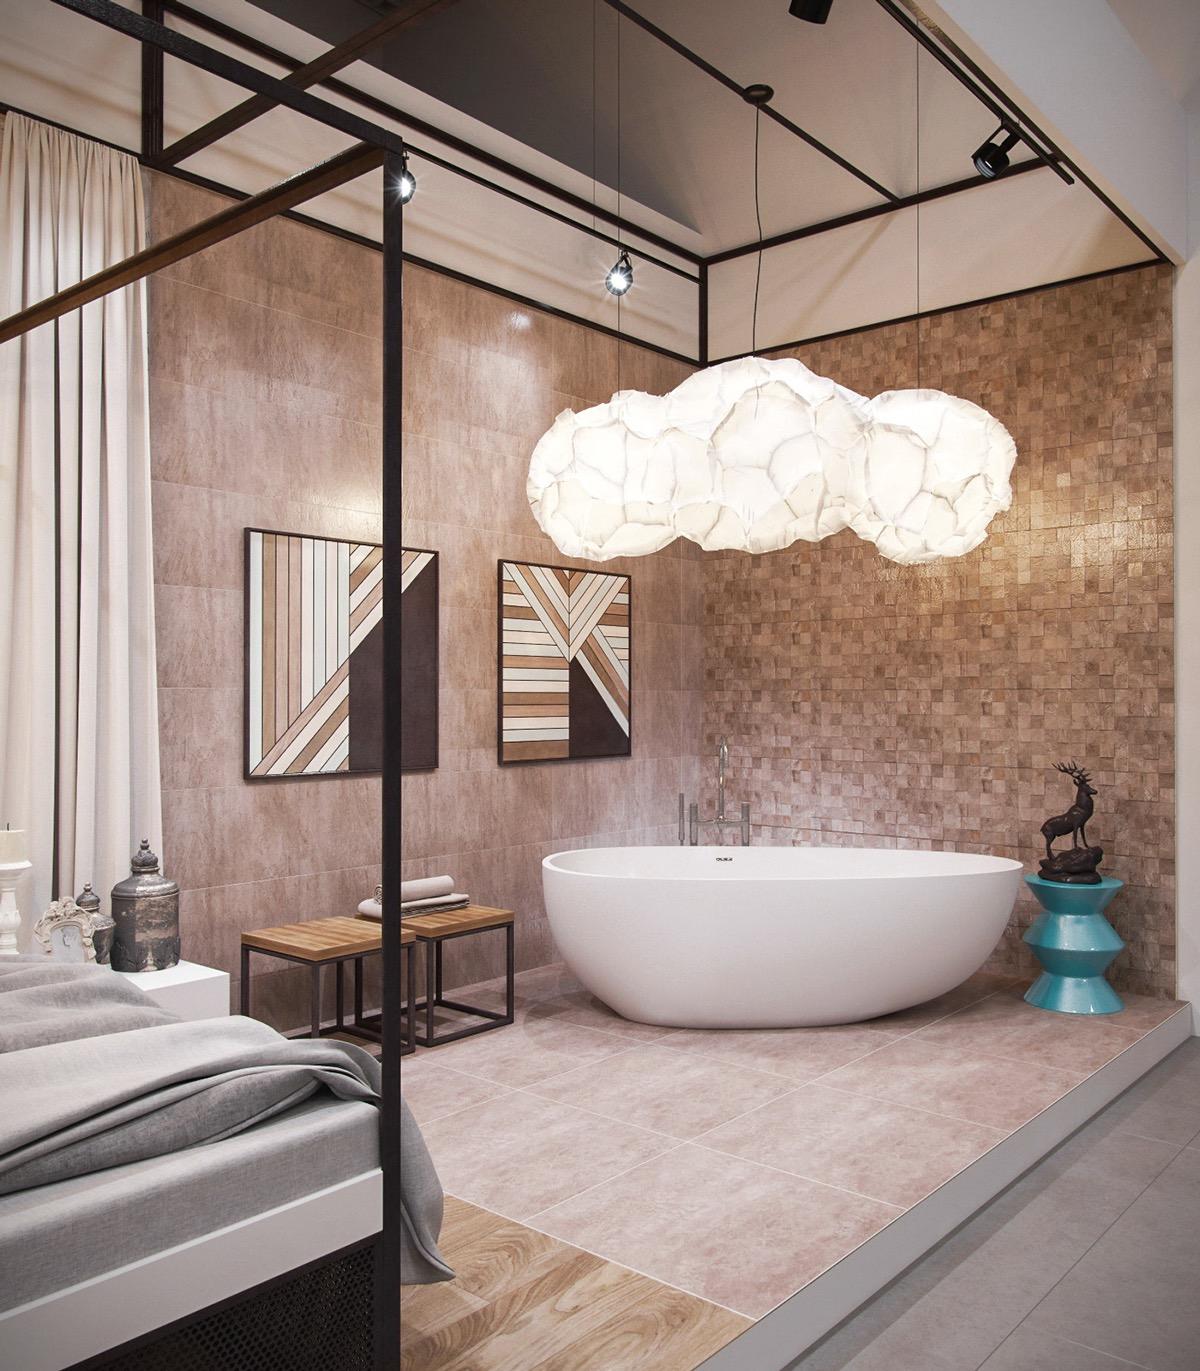 Tư vấn thiết kế lắp đặt bồn tắm trong phòng ngủ đẹp sang trọng cần biết